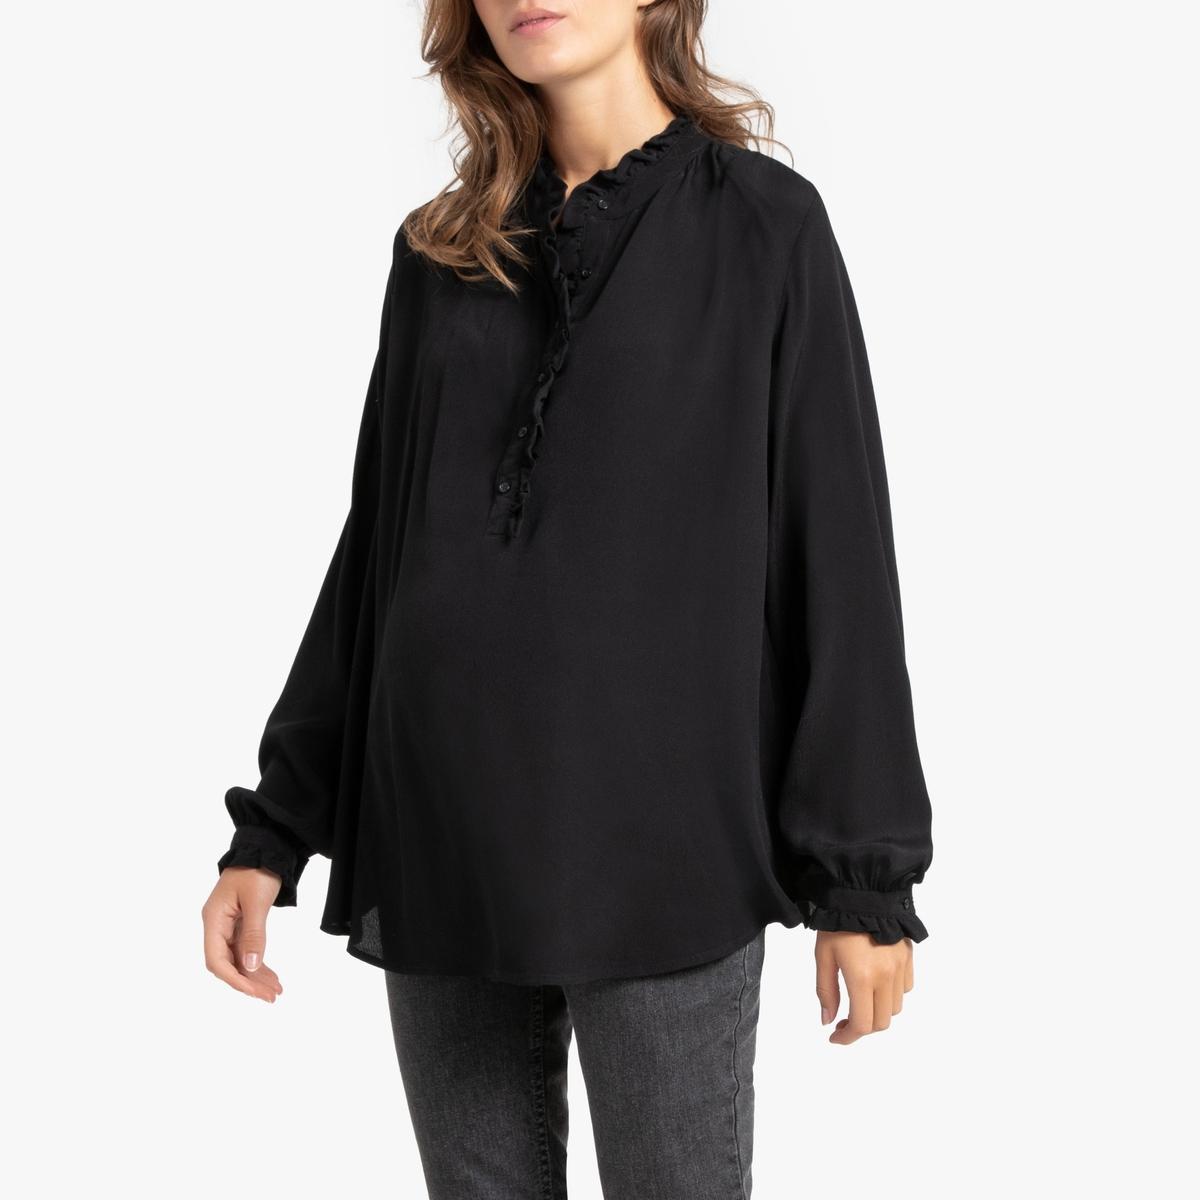 Блузка La Redoute Для периода беременности струящаяся с воротником-стойкой 36 (FR) - 42 (RUS) черный